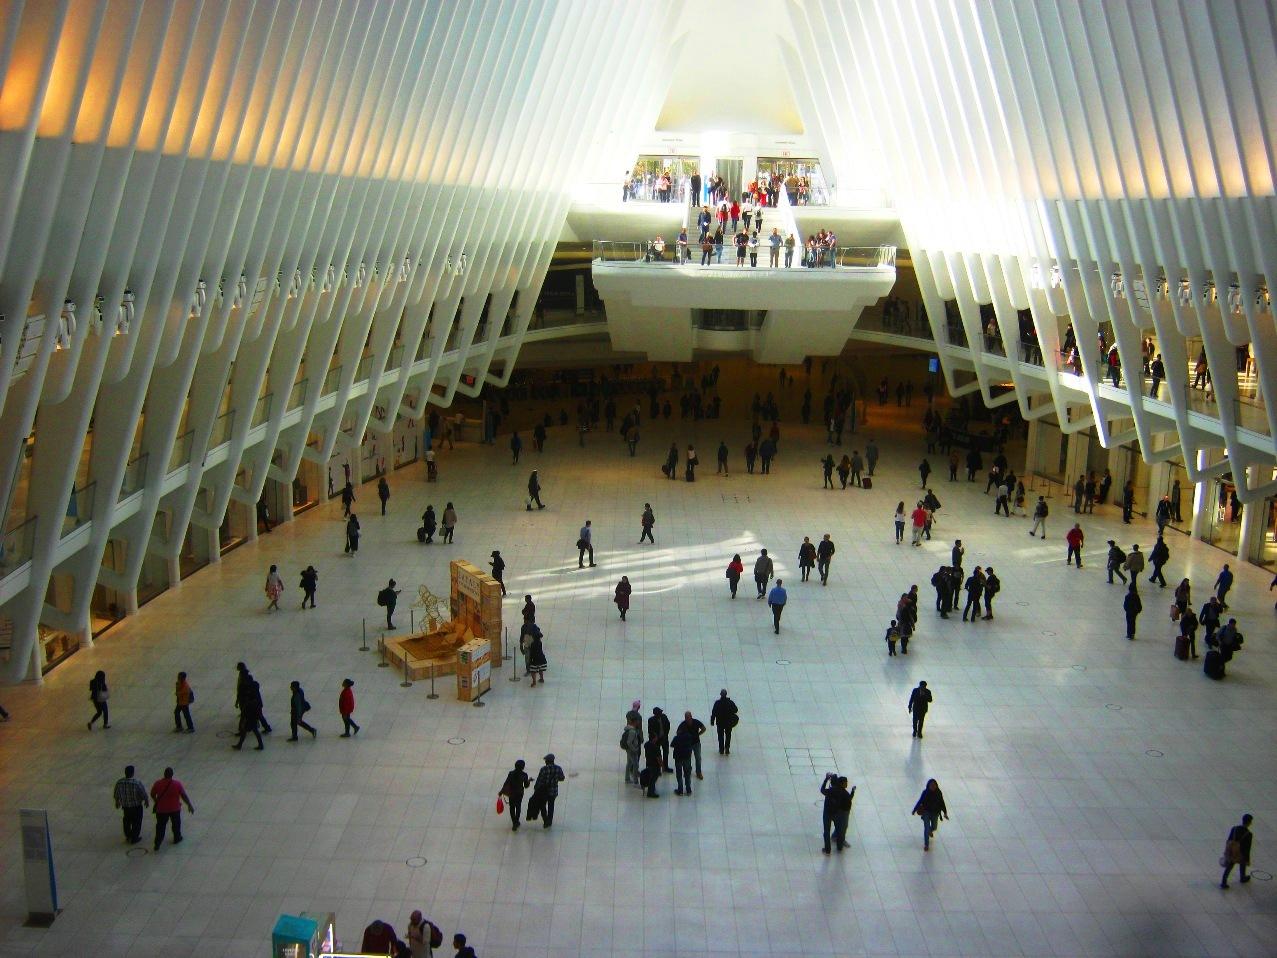 な、何とこれが駅か。2001年の同時多発テロで破壊された跡地に圧倒的な規模の駅